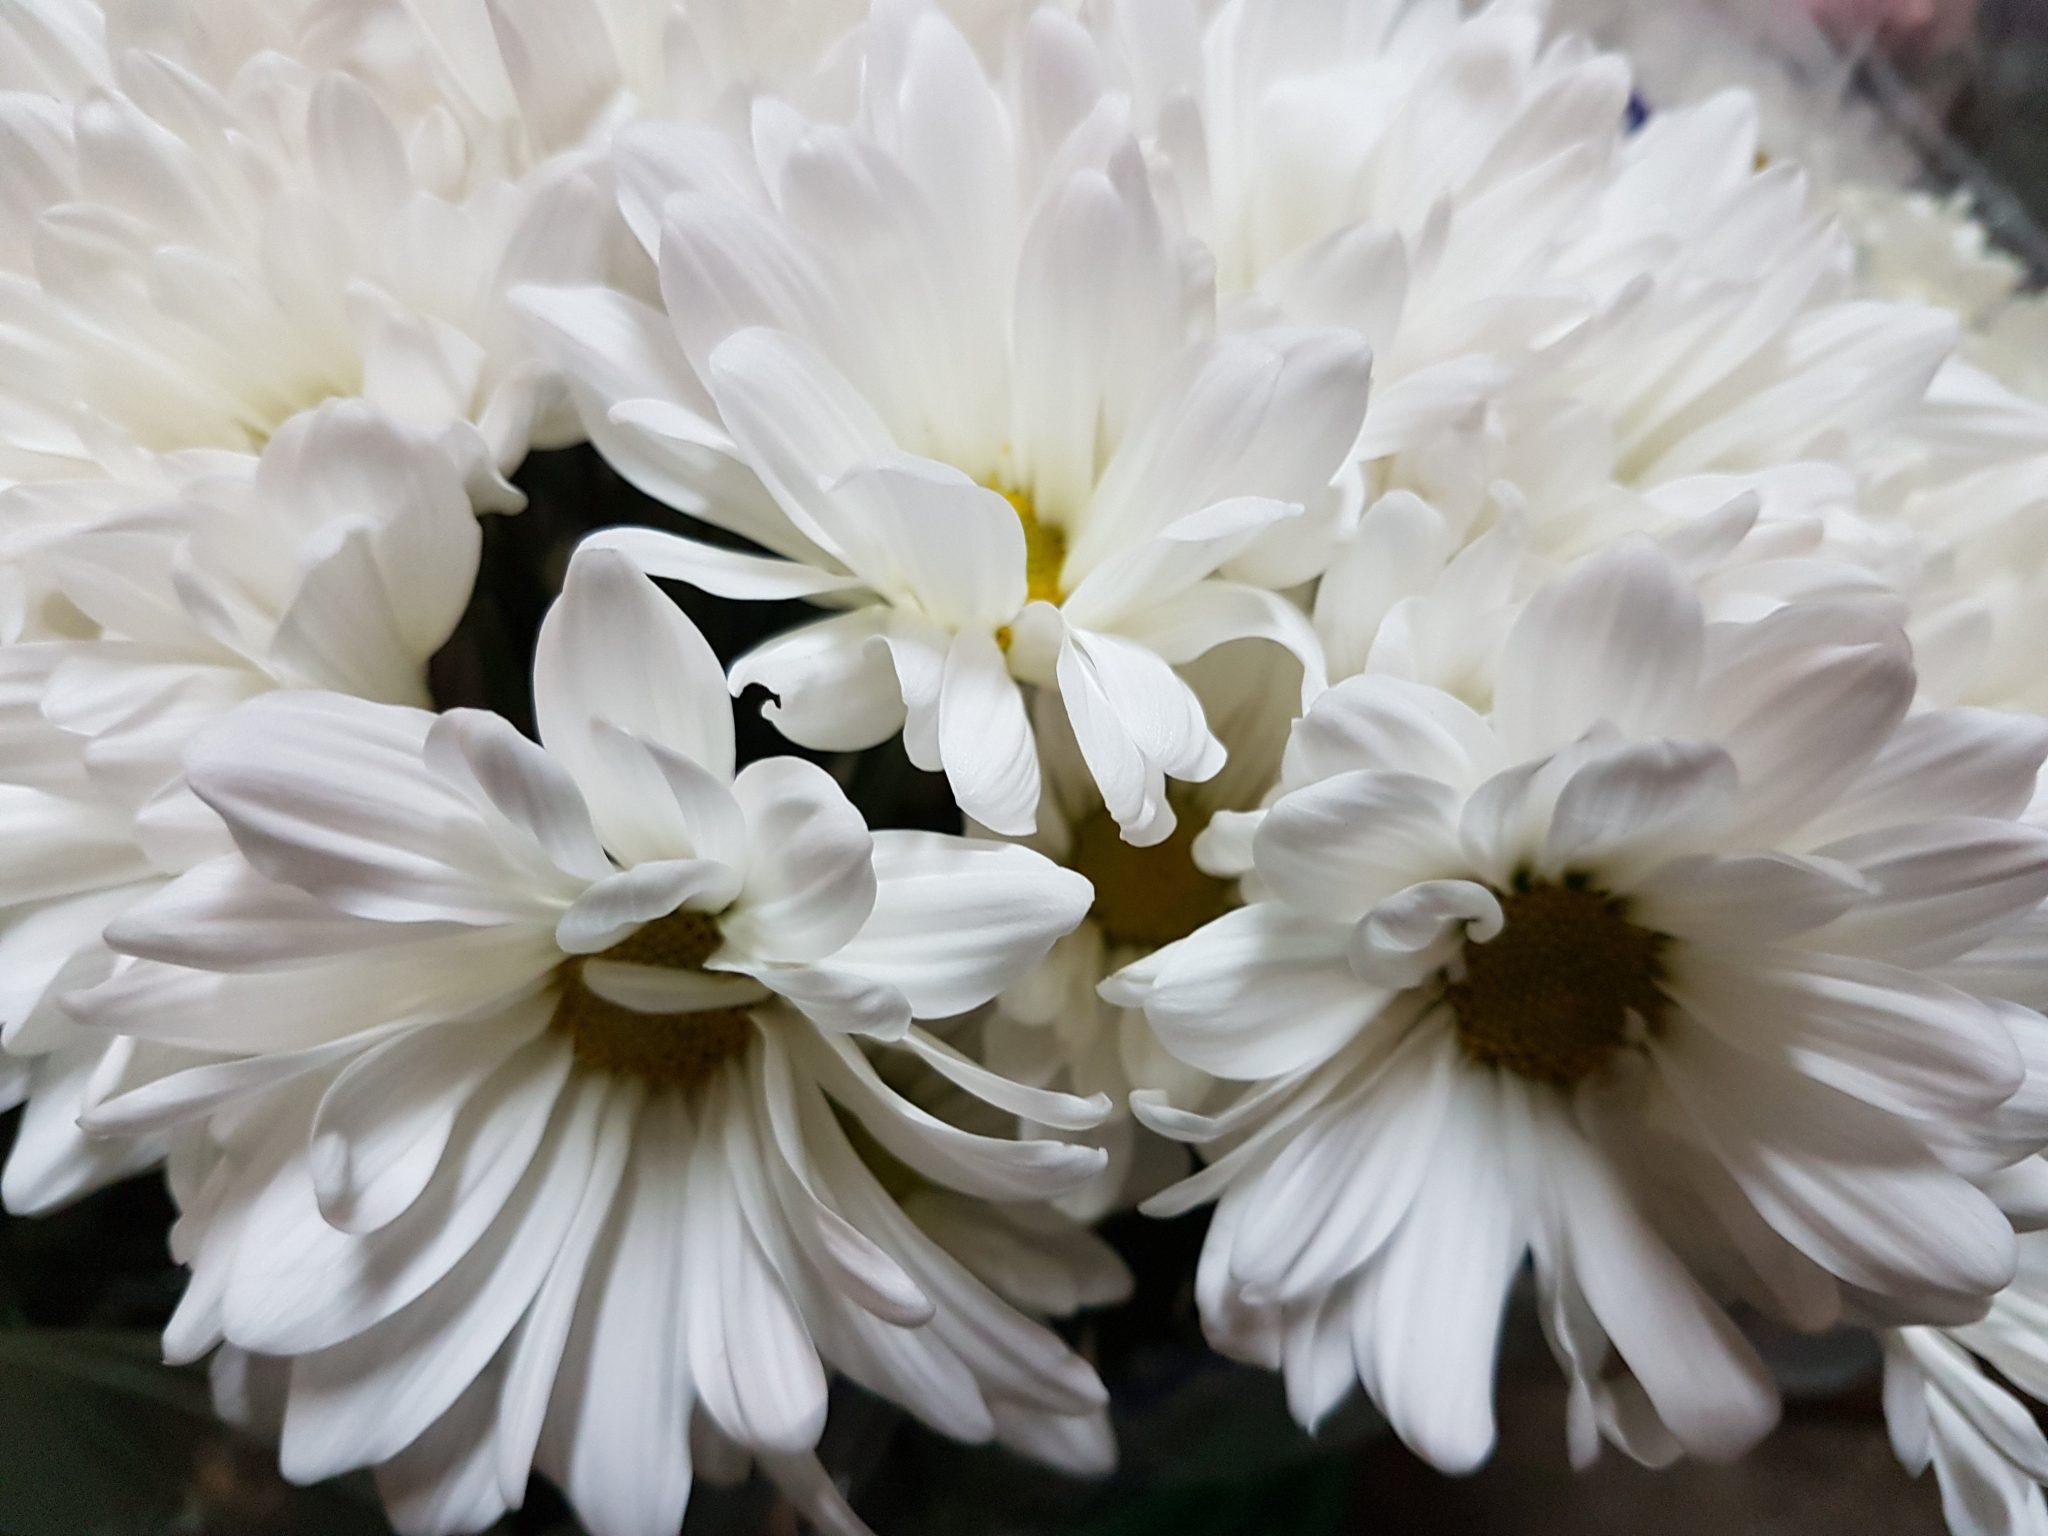 Chrysanthemum spray daisy white 3 bunches toronto bulk flowers chrysanthemum spray daisy white izmirmasajfo